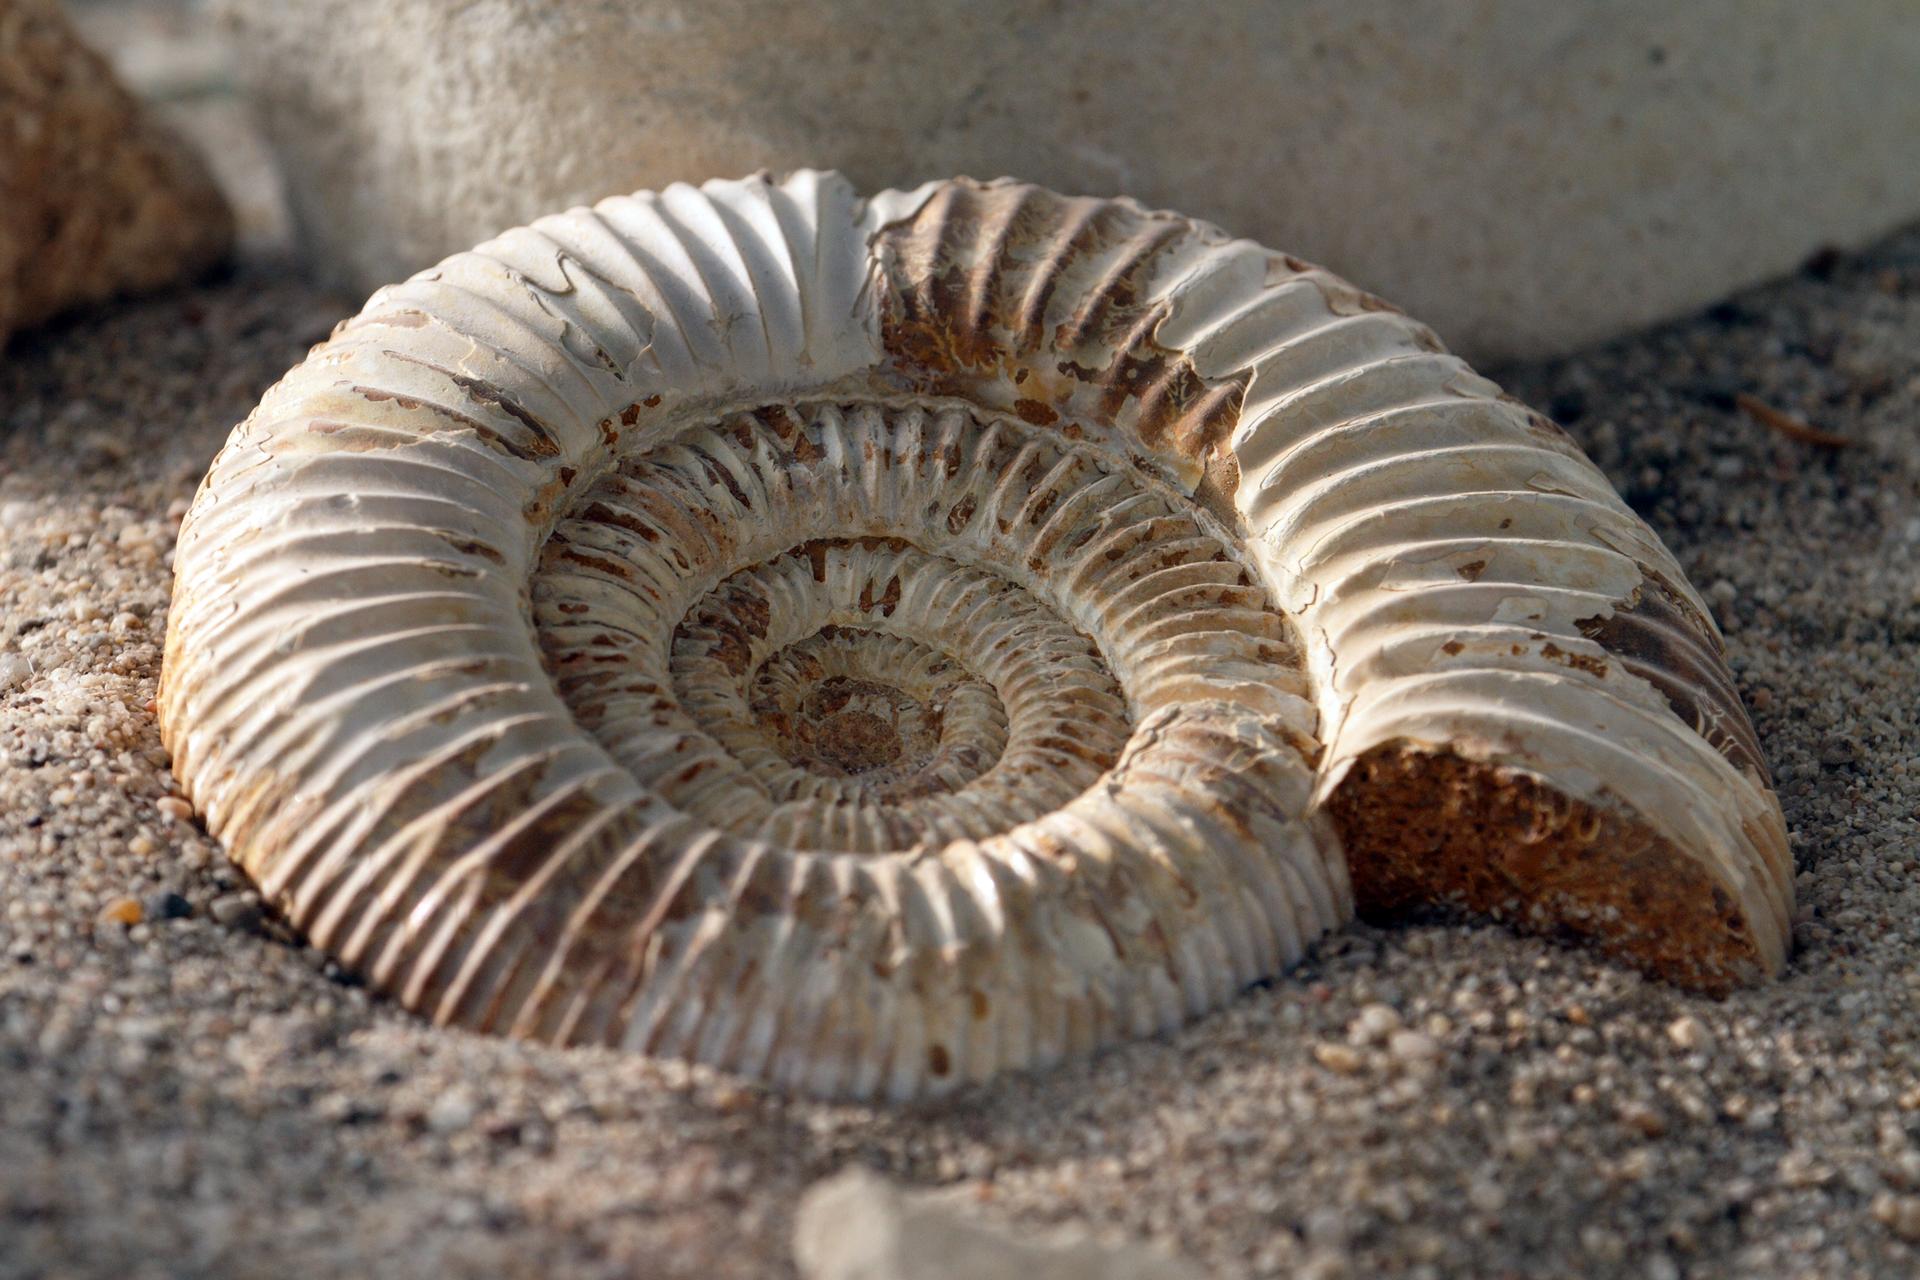 Fotografia przedstawia wzbliżeniu jasną, spiralnie skręconą, żeberkowaną muszlę amonita. Umieszczono ją na podłożu zpiasku.